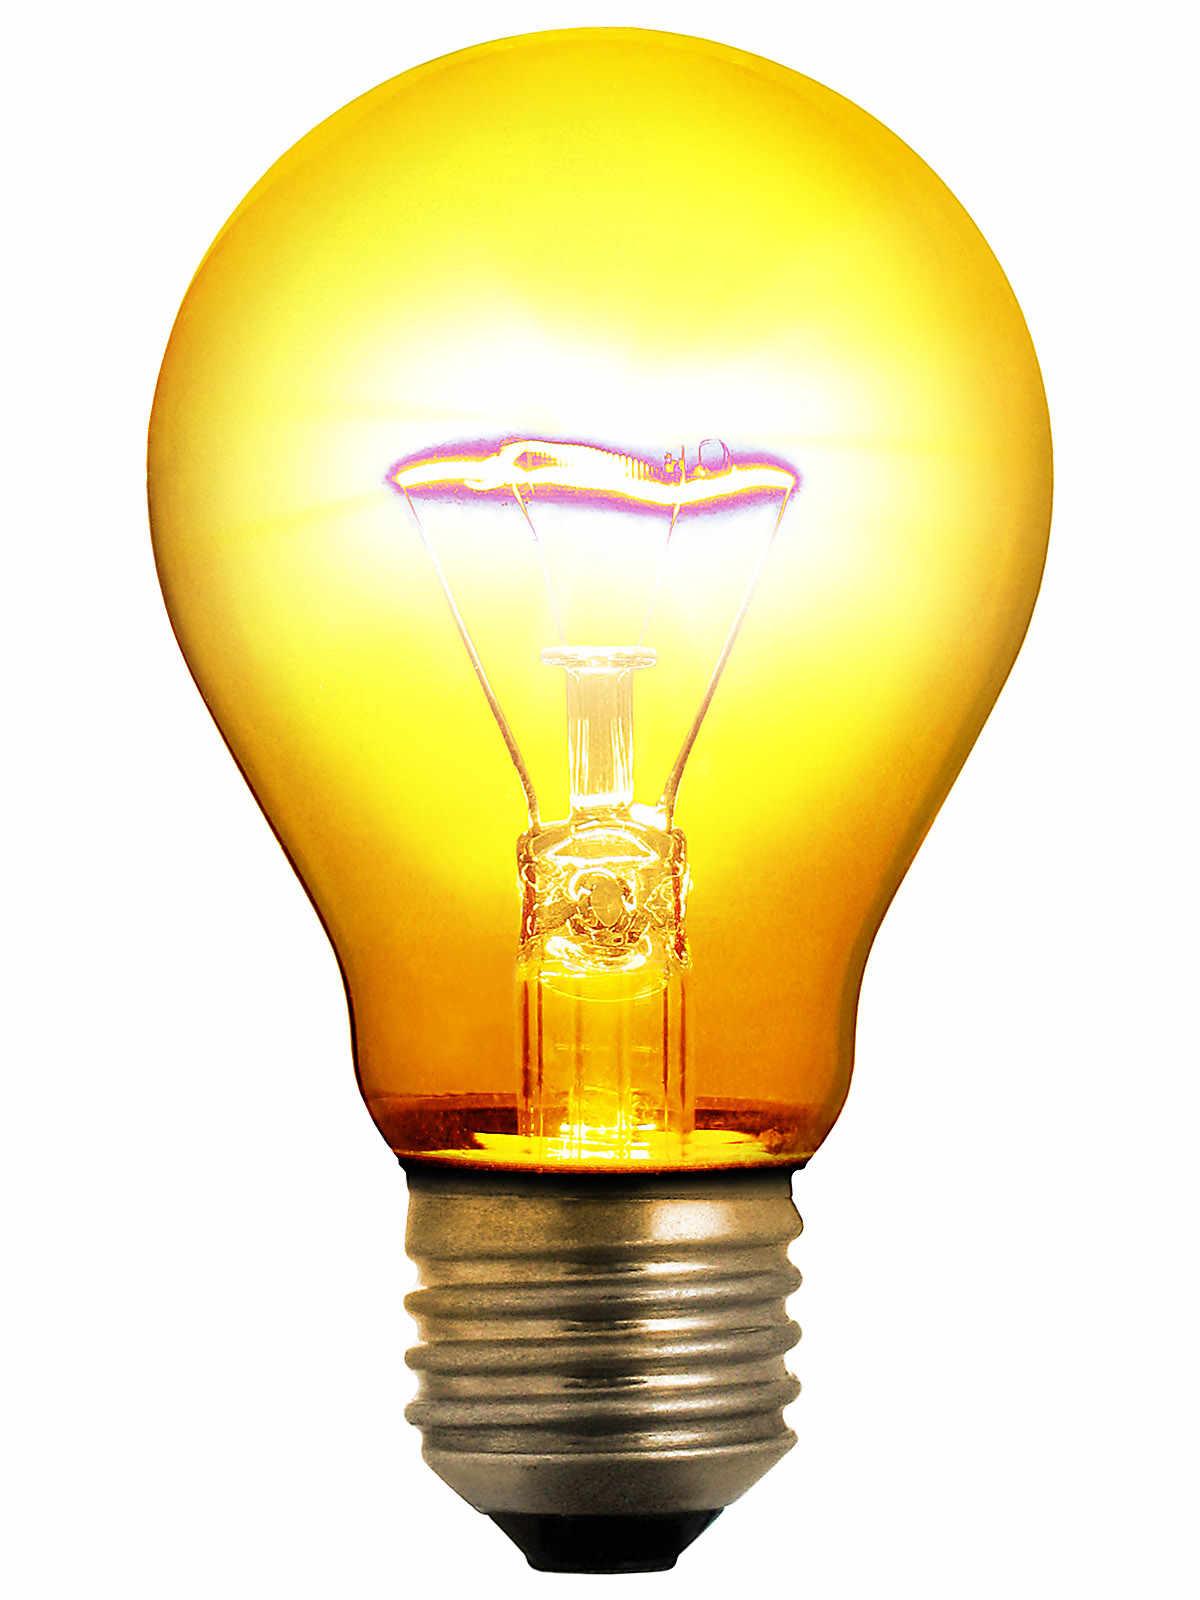 Gas e nucleare, nel 2030 l'Italia sarà in eccesso di energia